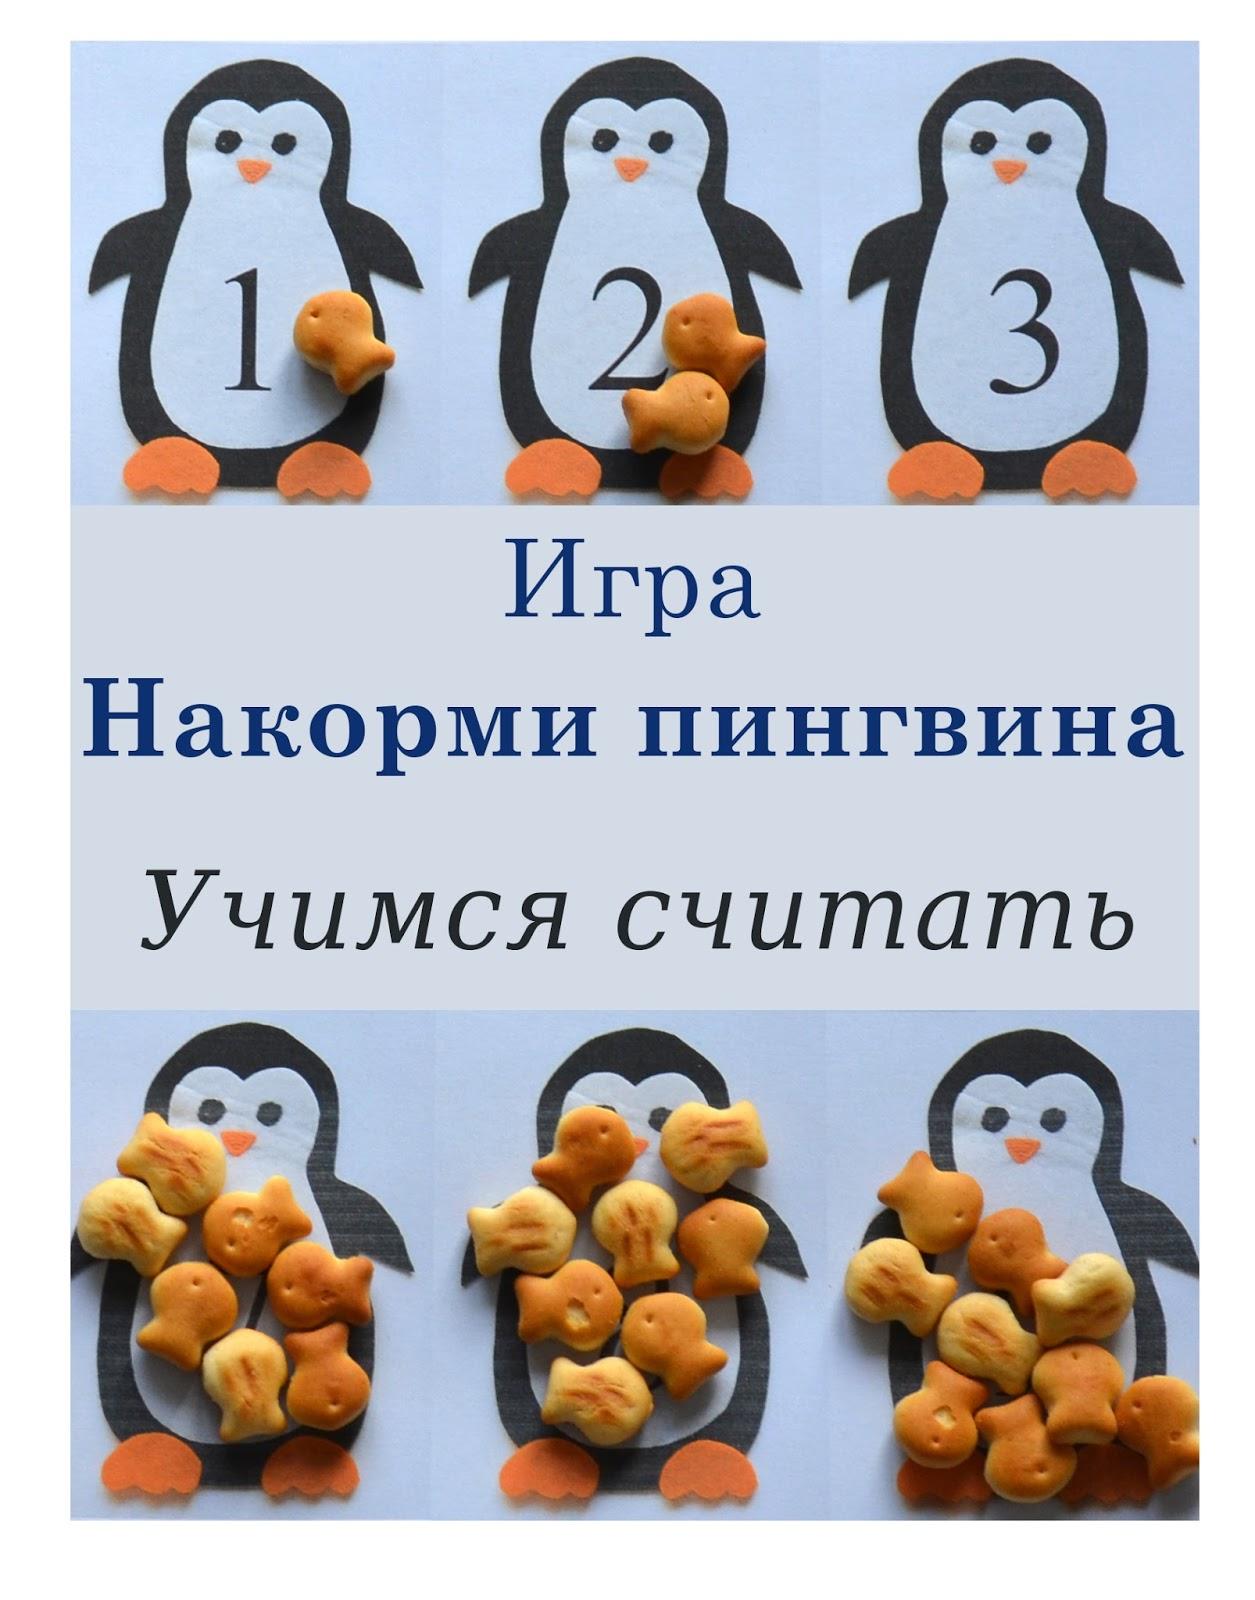 Игру На Телефон Пингвины - regulationsmobi